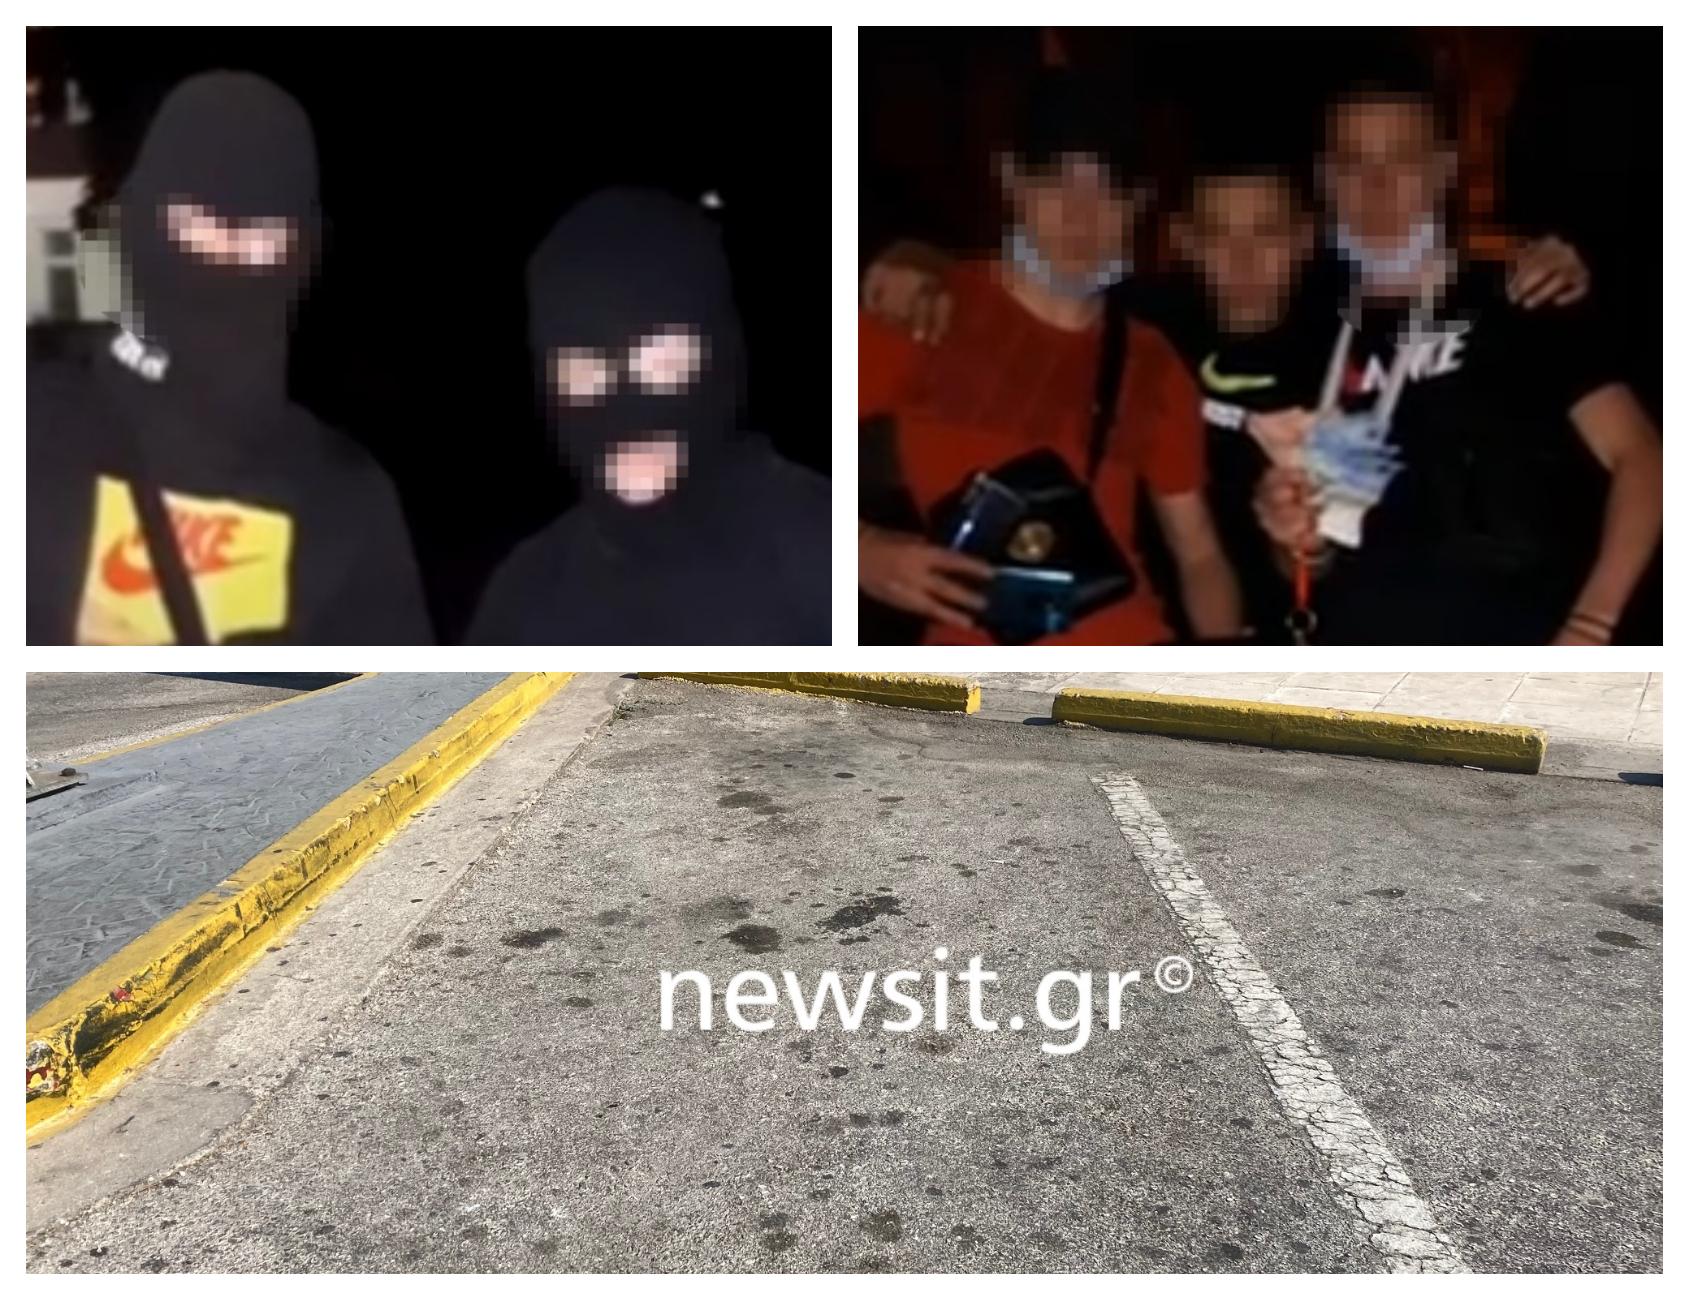 Άλιμος: Μέλος συμμορίας που είχε εξαρθρωθεί πρόσφατα ένας από τους δράστες της επίθεσης στον 14χρονο